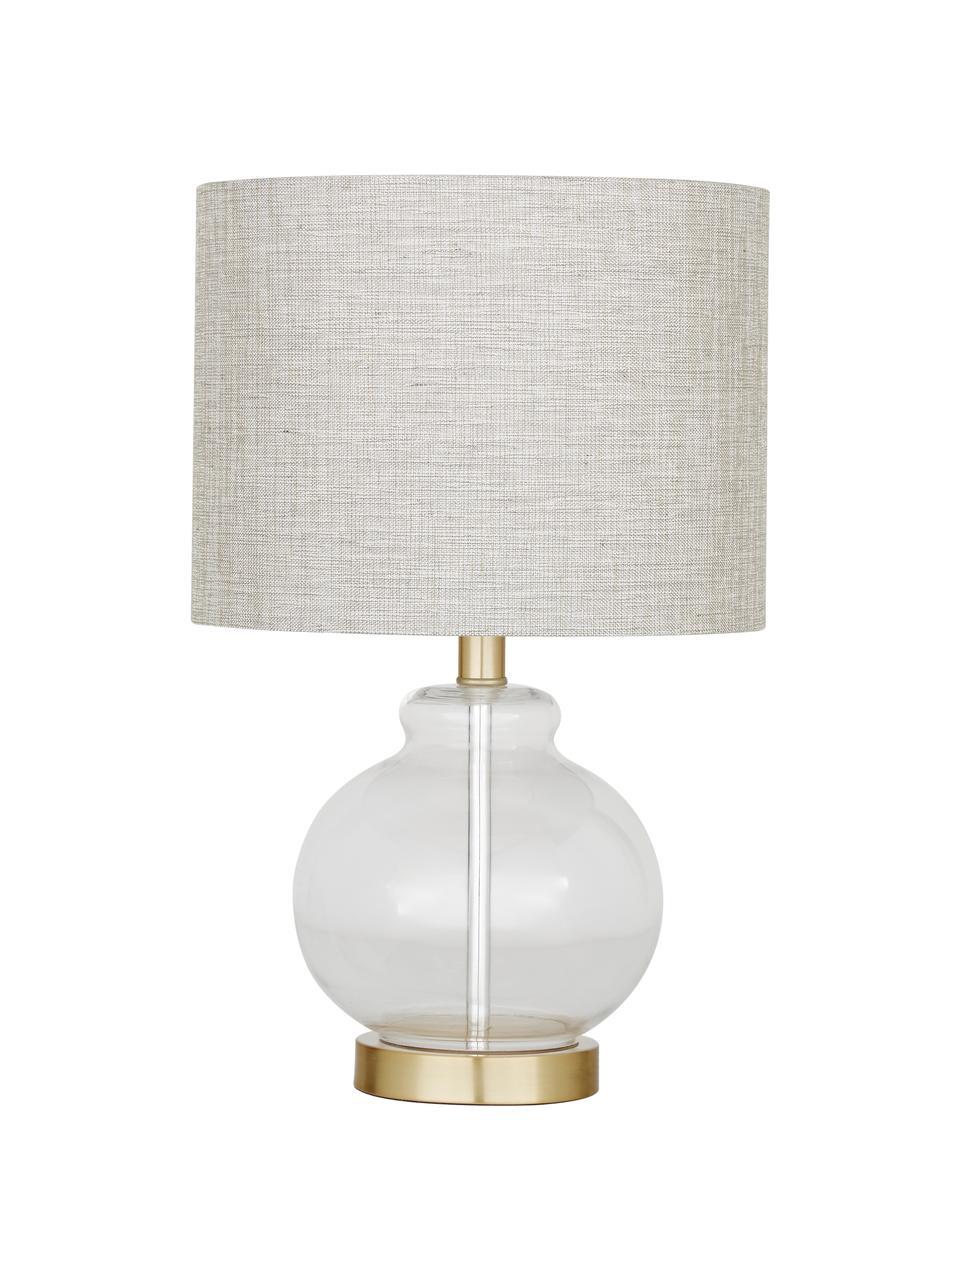 Lampa stołowa ze szklaną podstawą Natty, Taupe, transparentny, Ø 31 x W 48 cm